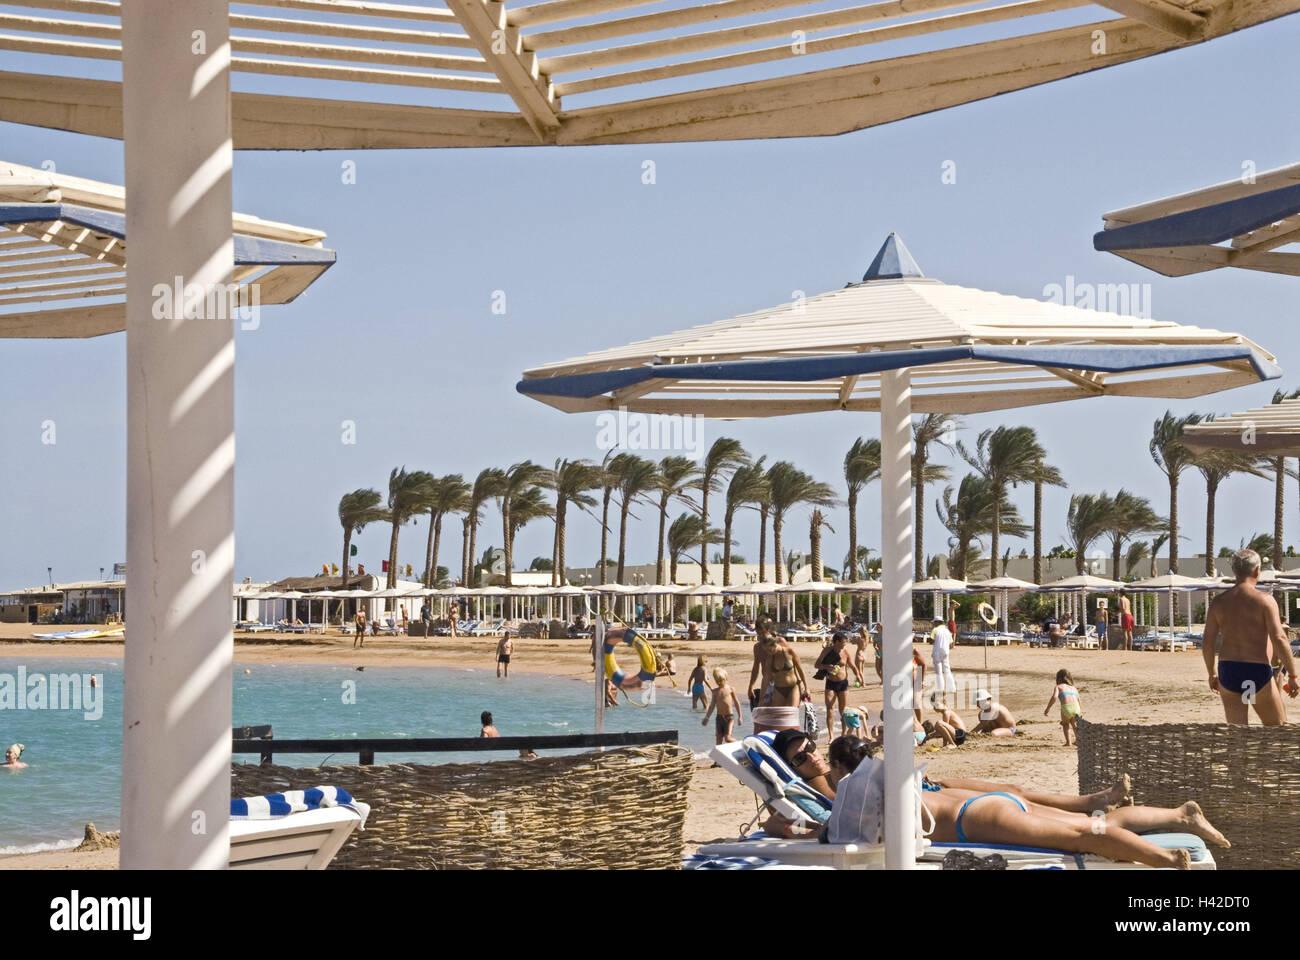 Egypt Hurghada Dana Beach Resort Beach Sunshades Tourists Stock Photo Alamy